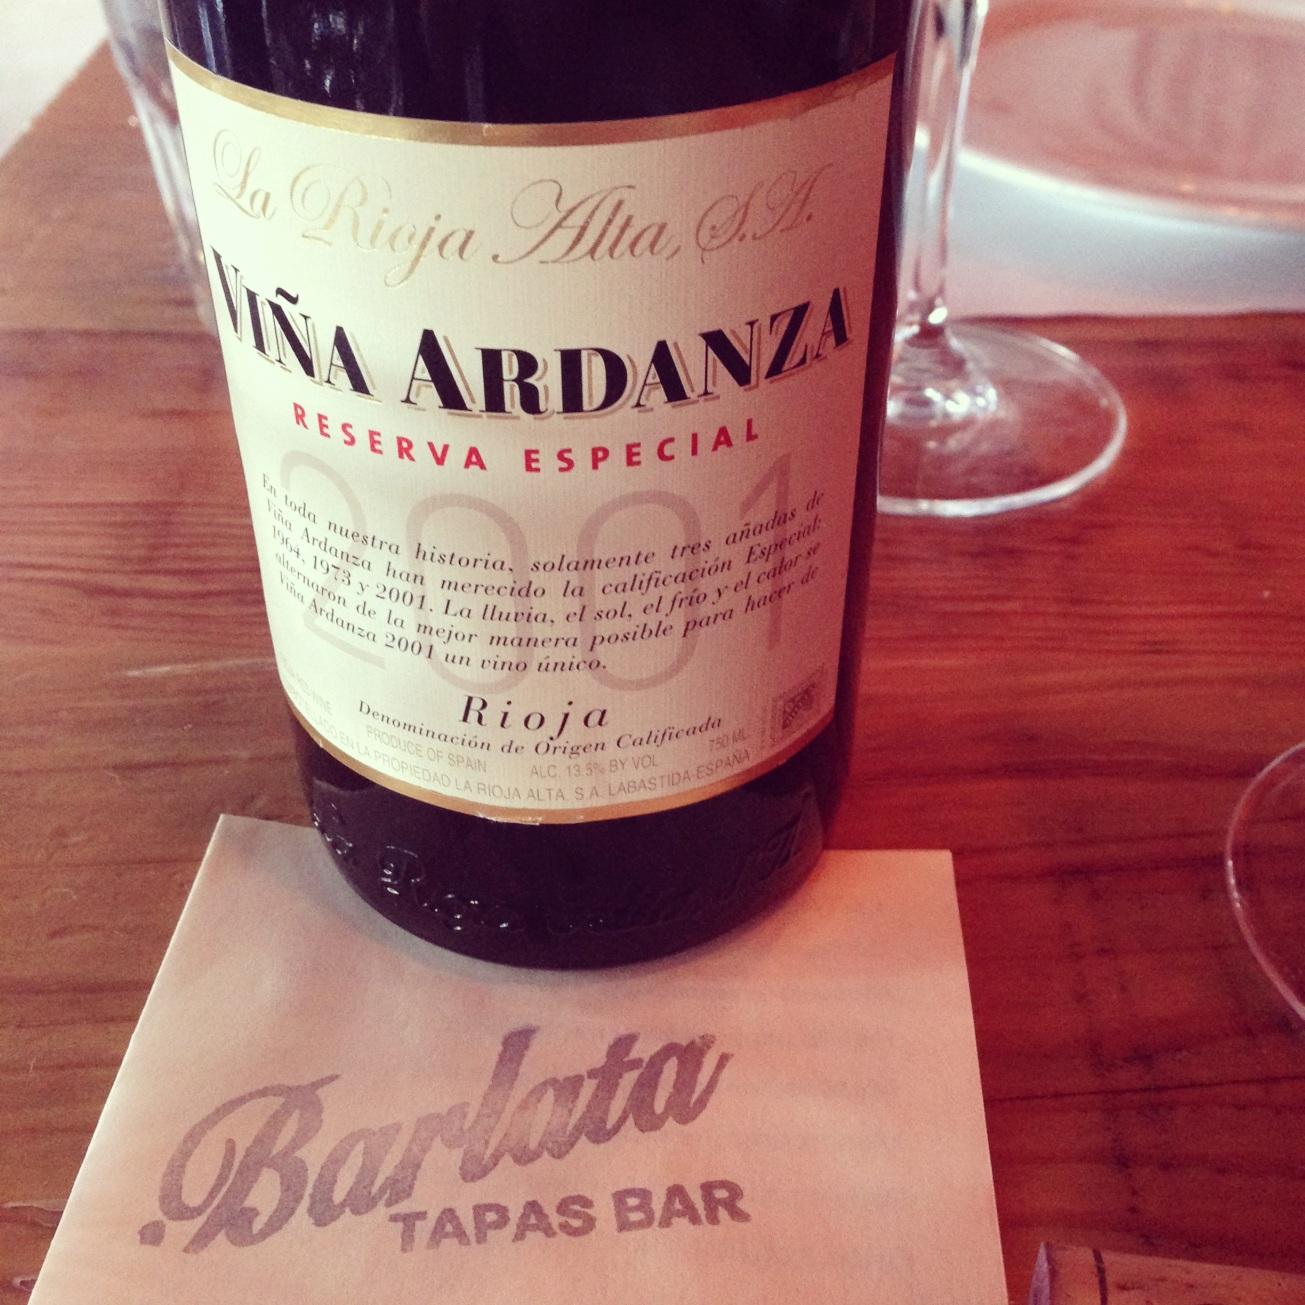 2001 La Rioja Alta Rioja Viña Ardanza Reserva Especial